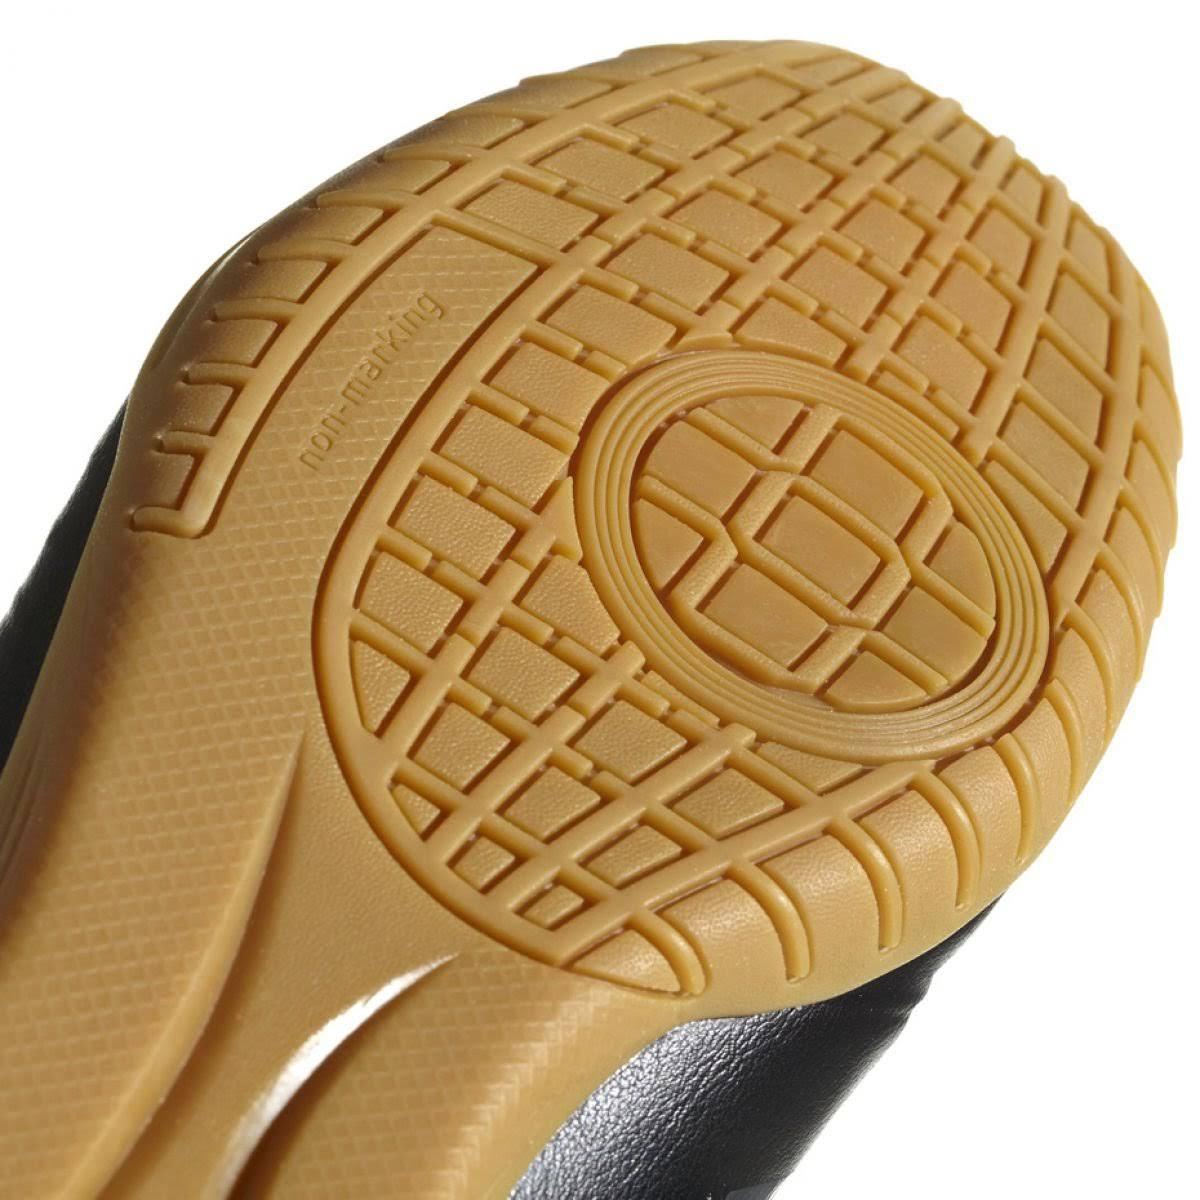 Adidas Copa Tango 184 in Scarpe da Calcio (uomini)  sBqcTv